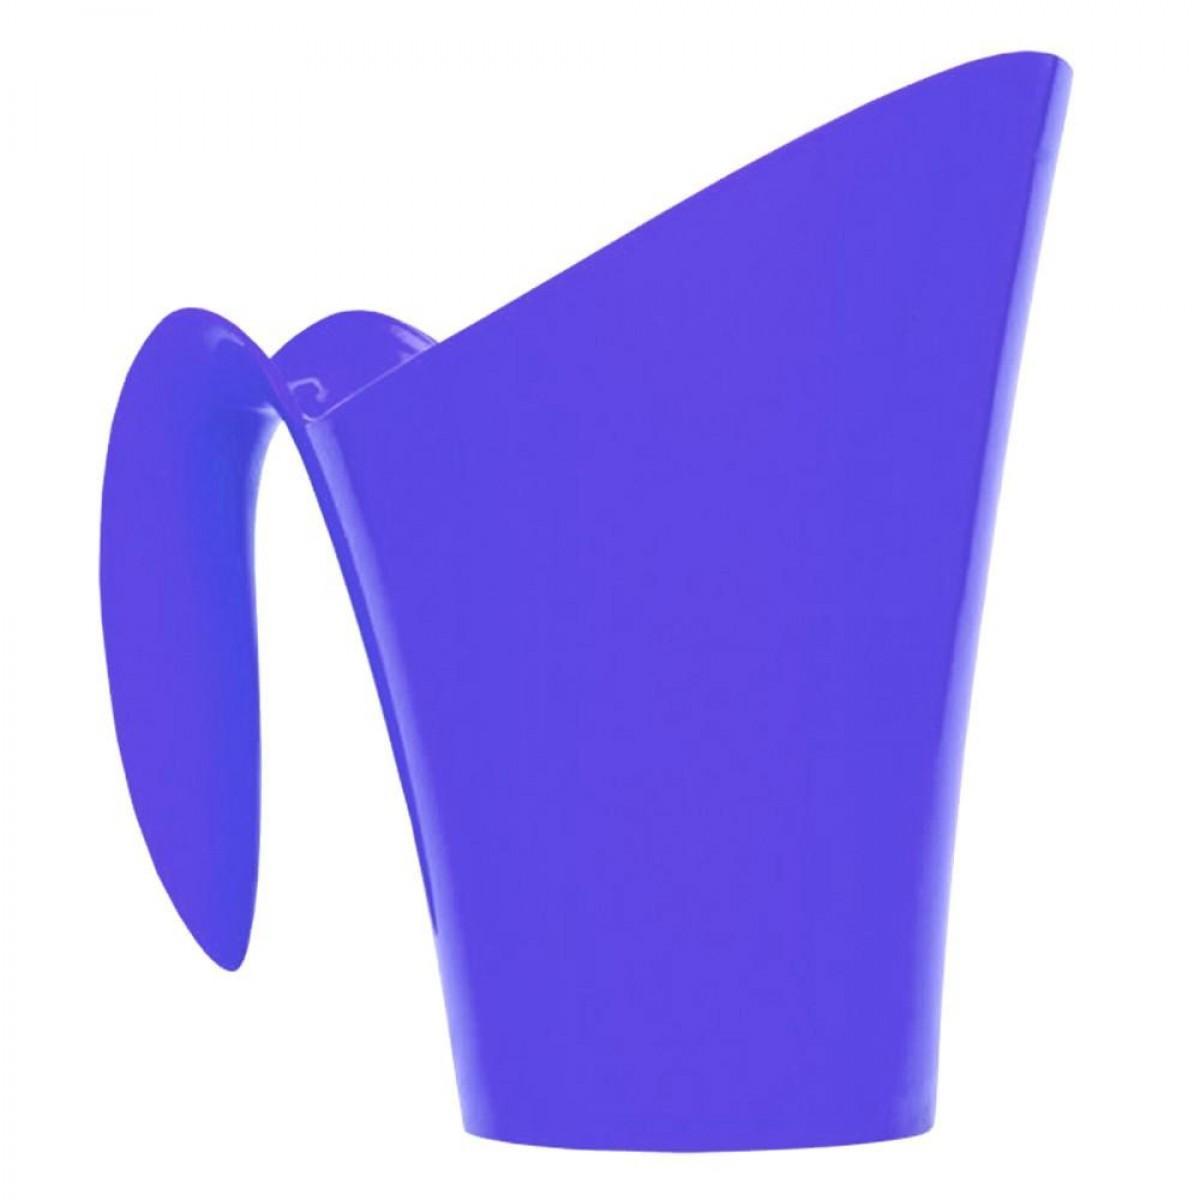 Caneca Dosadora 450 ml (escolha a cor)